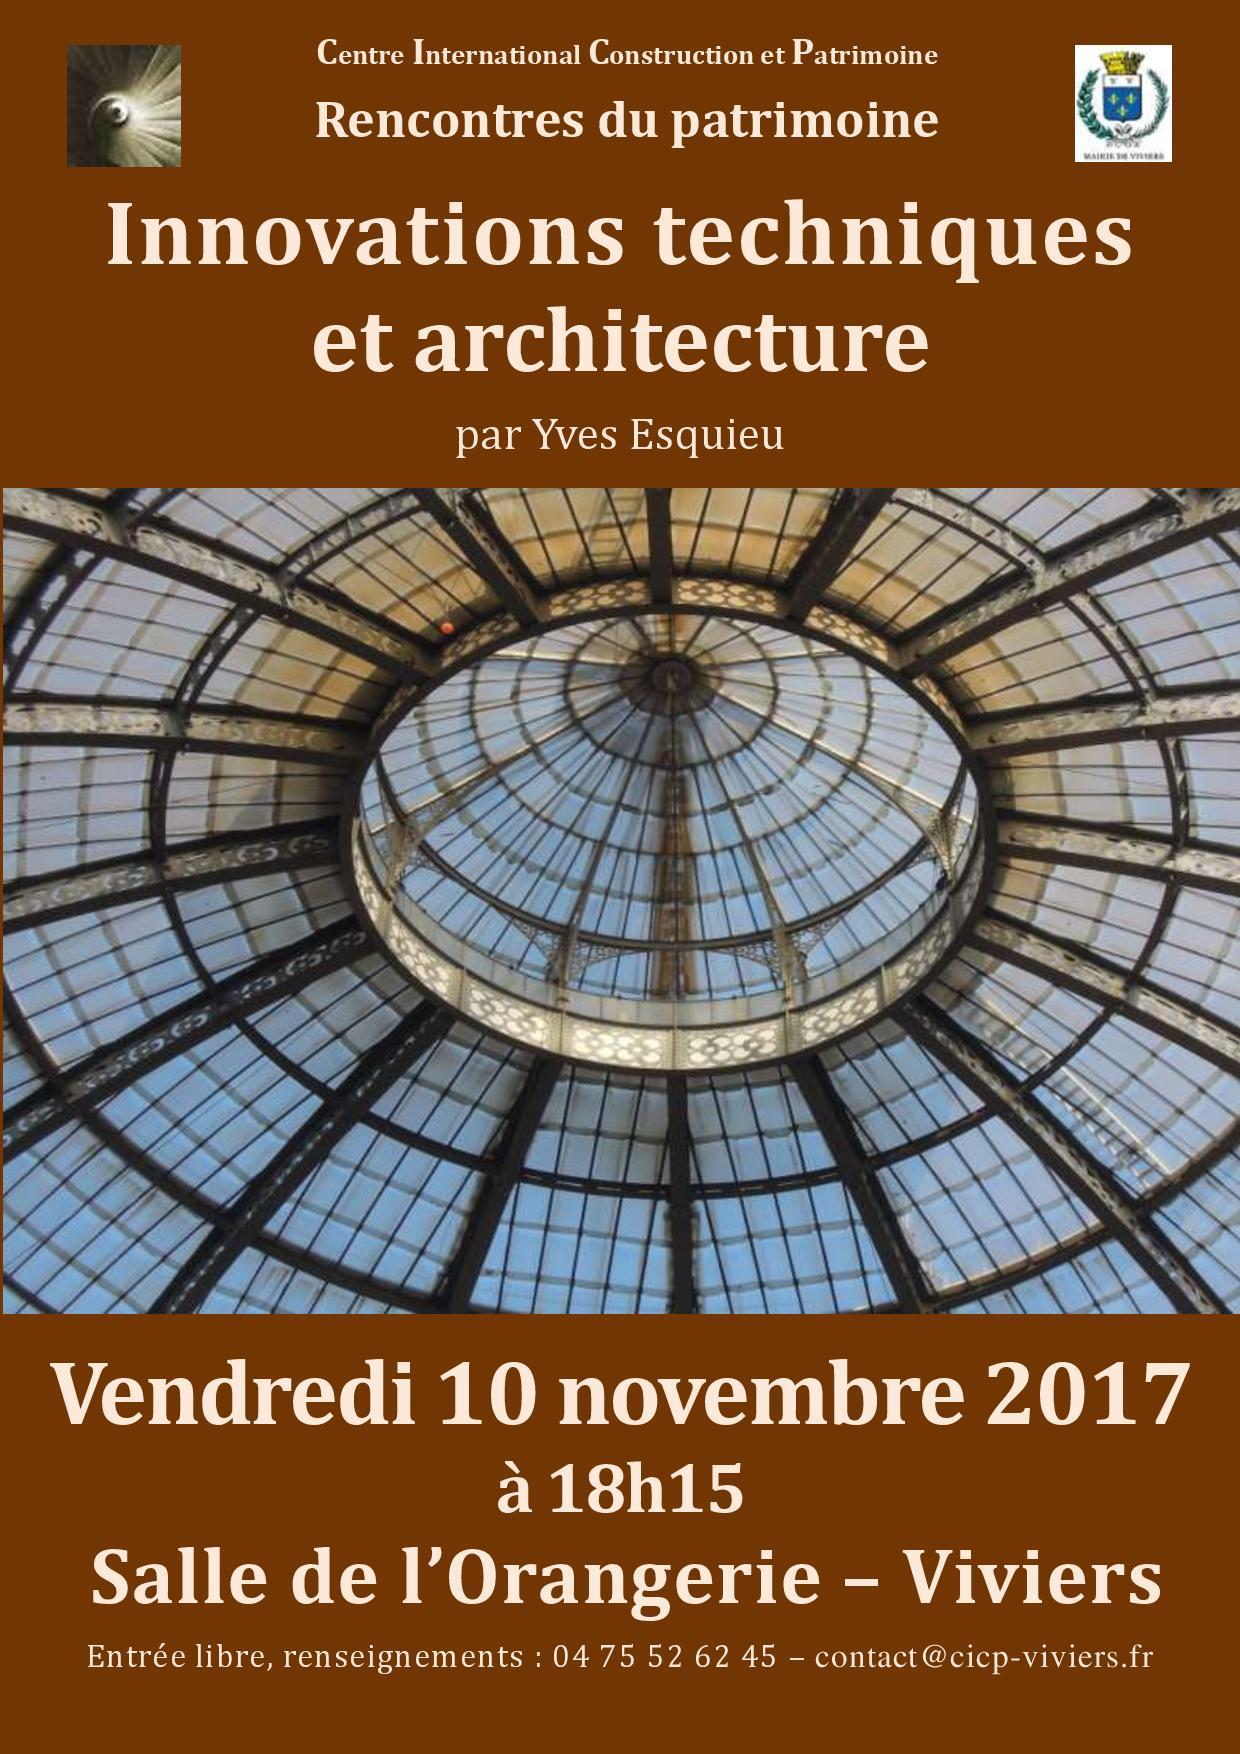 Conférence : Rôle des innovations techniques dans l'histoire de l'architecture